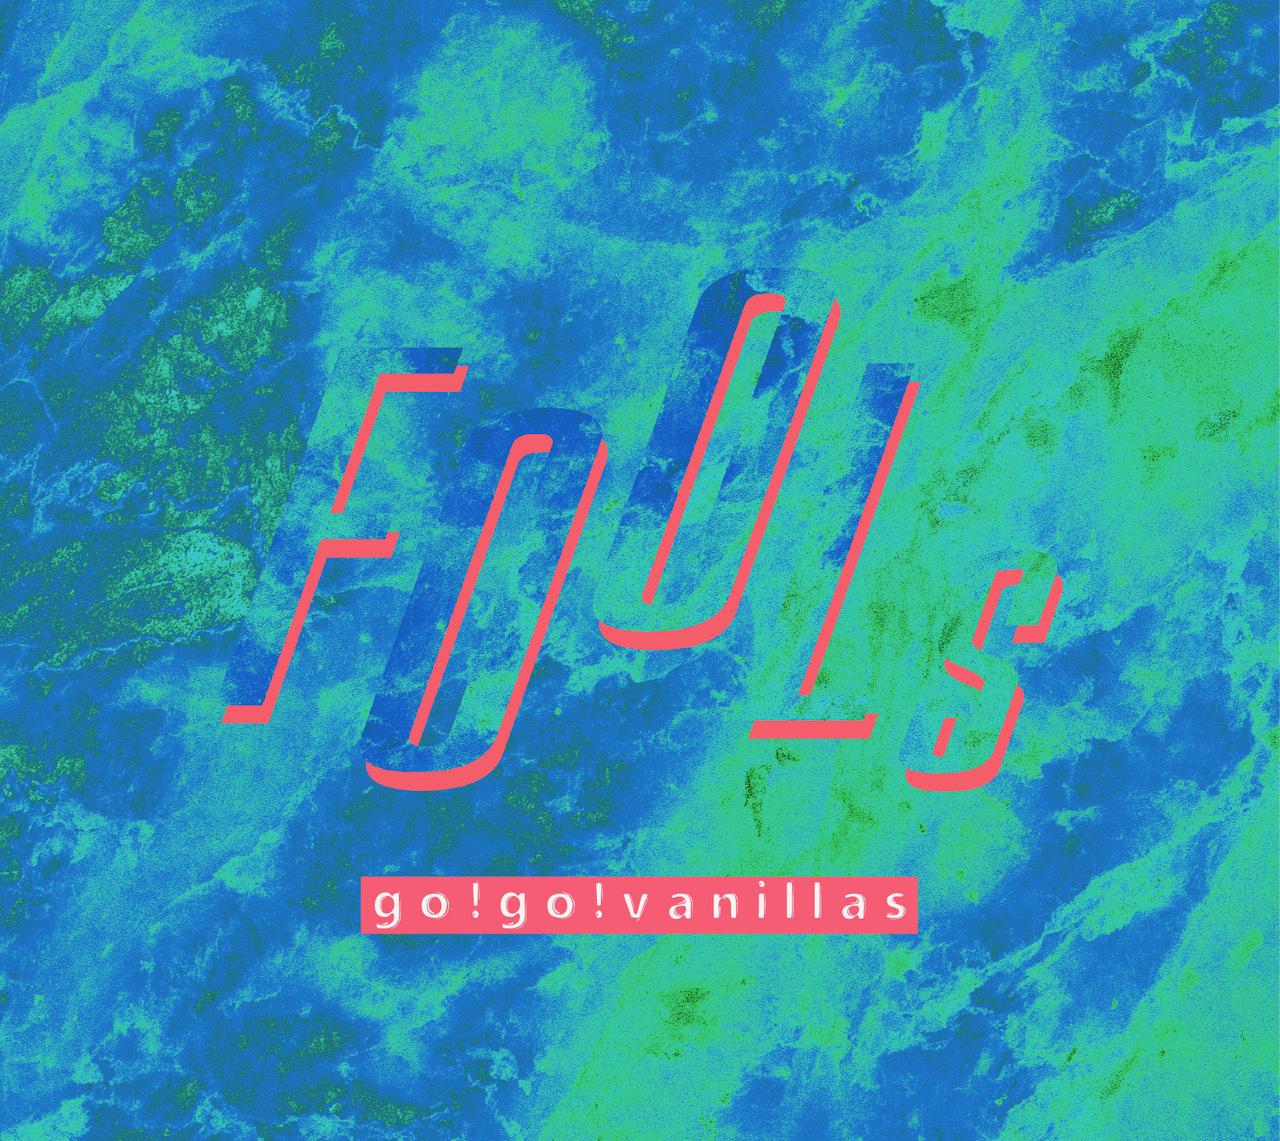 go!go!vanillas『FOOLs』